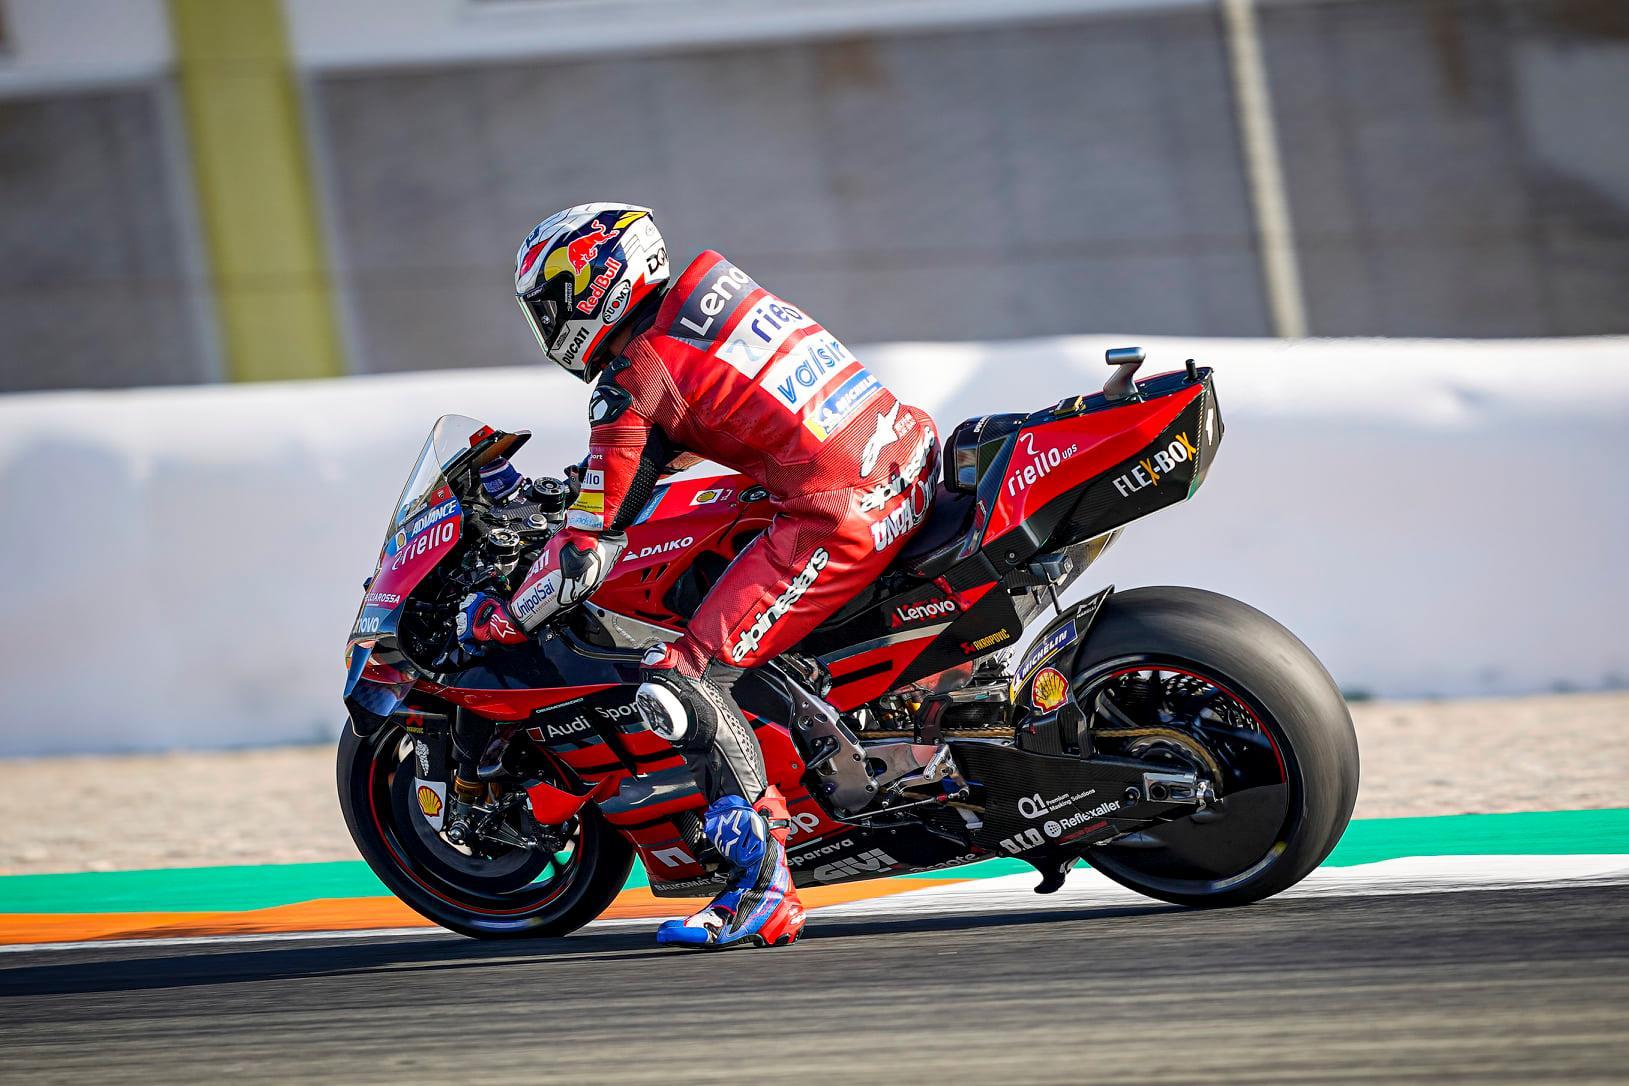 ¿Cuál es el récord de velocidad en una MotoGP™?